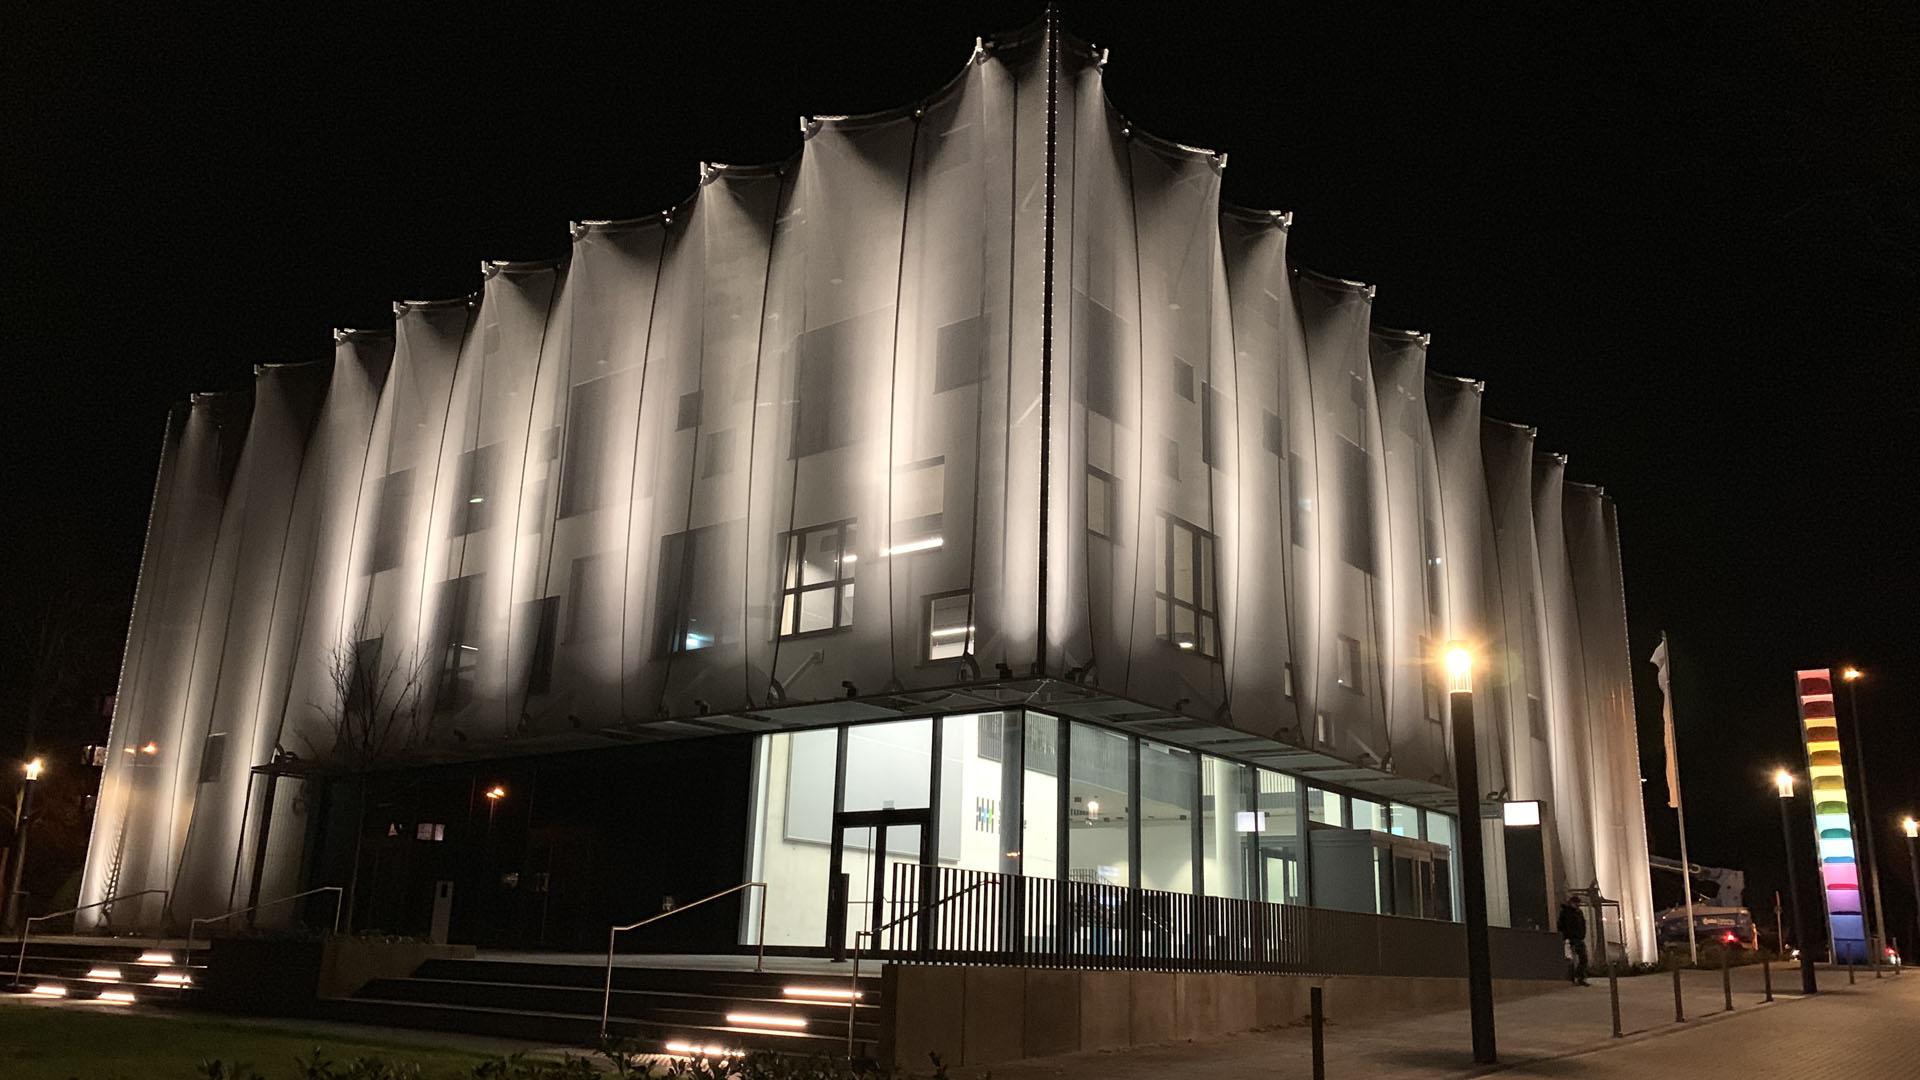 MAASS-Lichtplanung_HOME__MAASS-Licht-Textilakademie-NRW-02